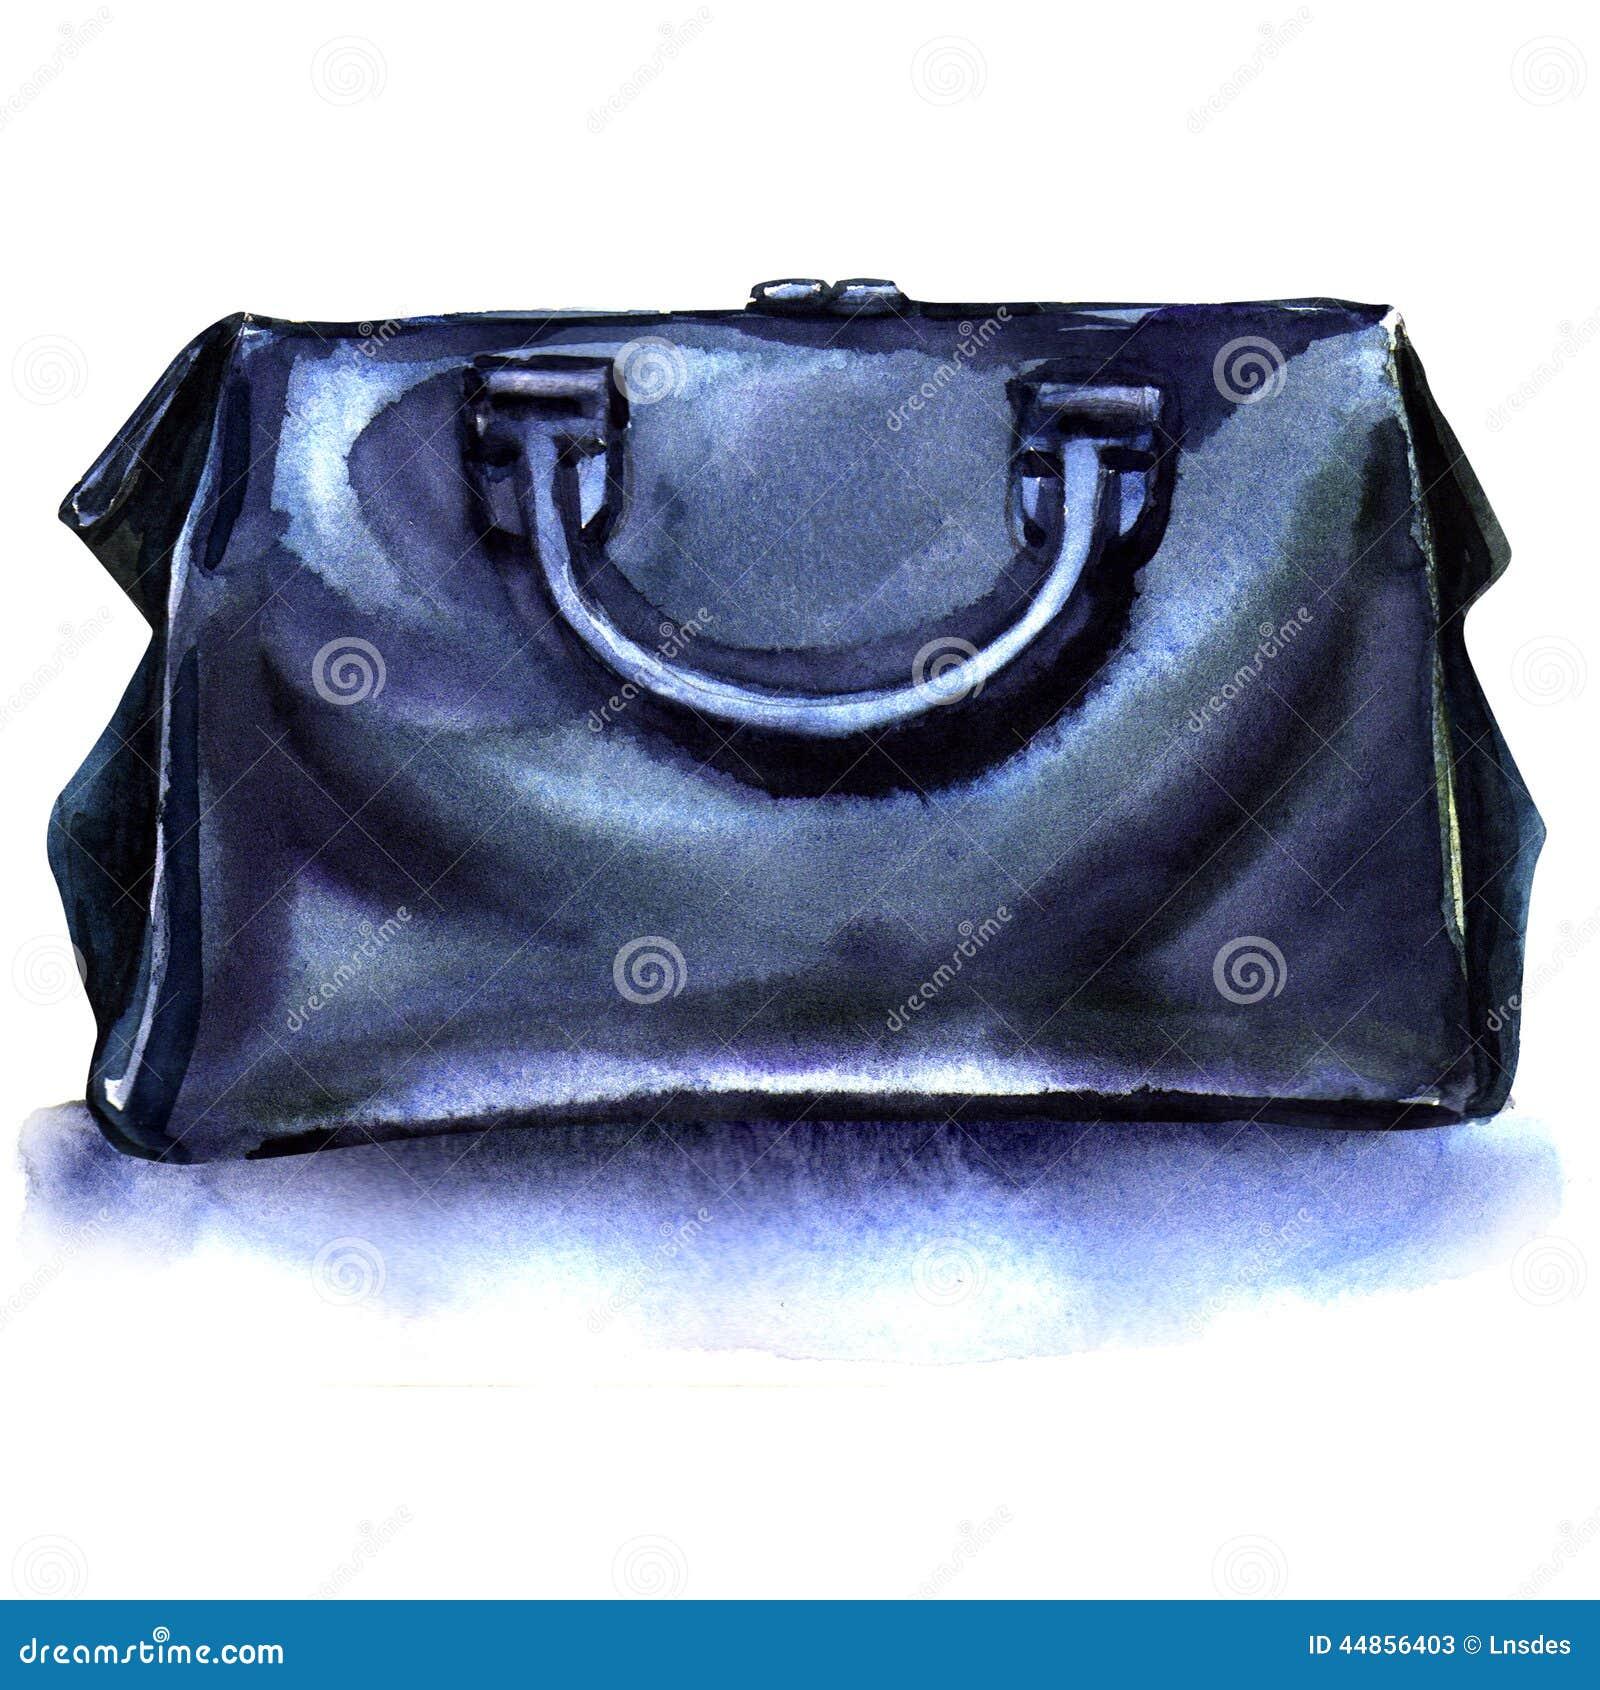 Download Bolso Azul Del Recorrido En Un Fondo Blanco Stock de ilustración - Ilustración de almacenaje, pintura: 44856403